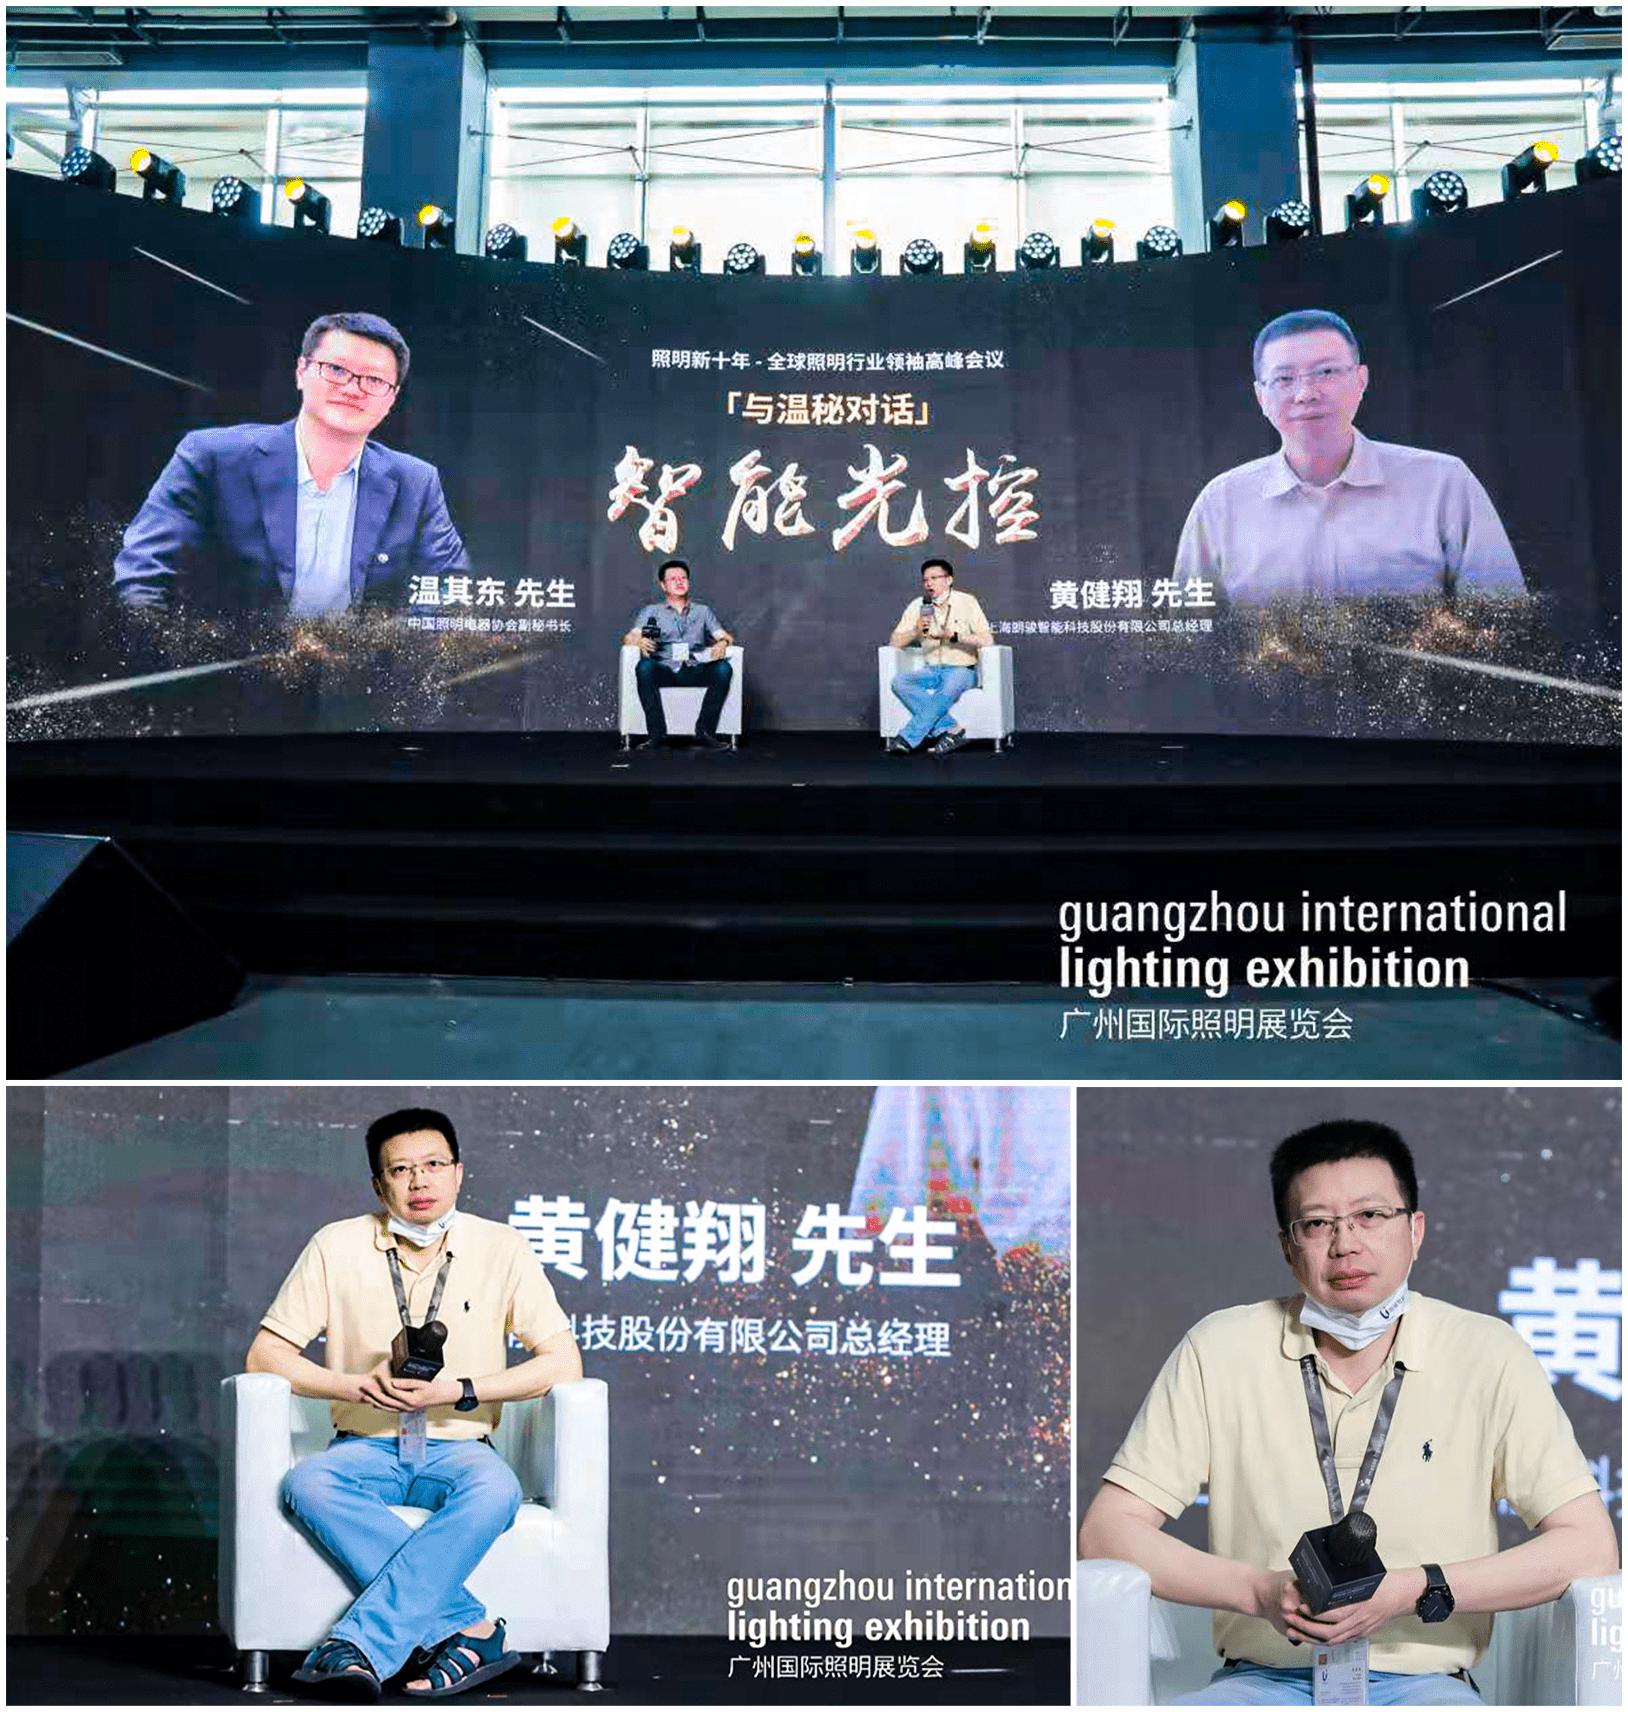 朗骏智能携重磅产品首亮2021光亚展,引燃户外照明的智控新体验